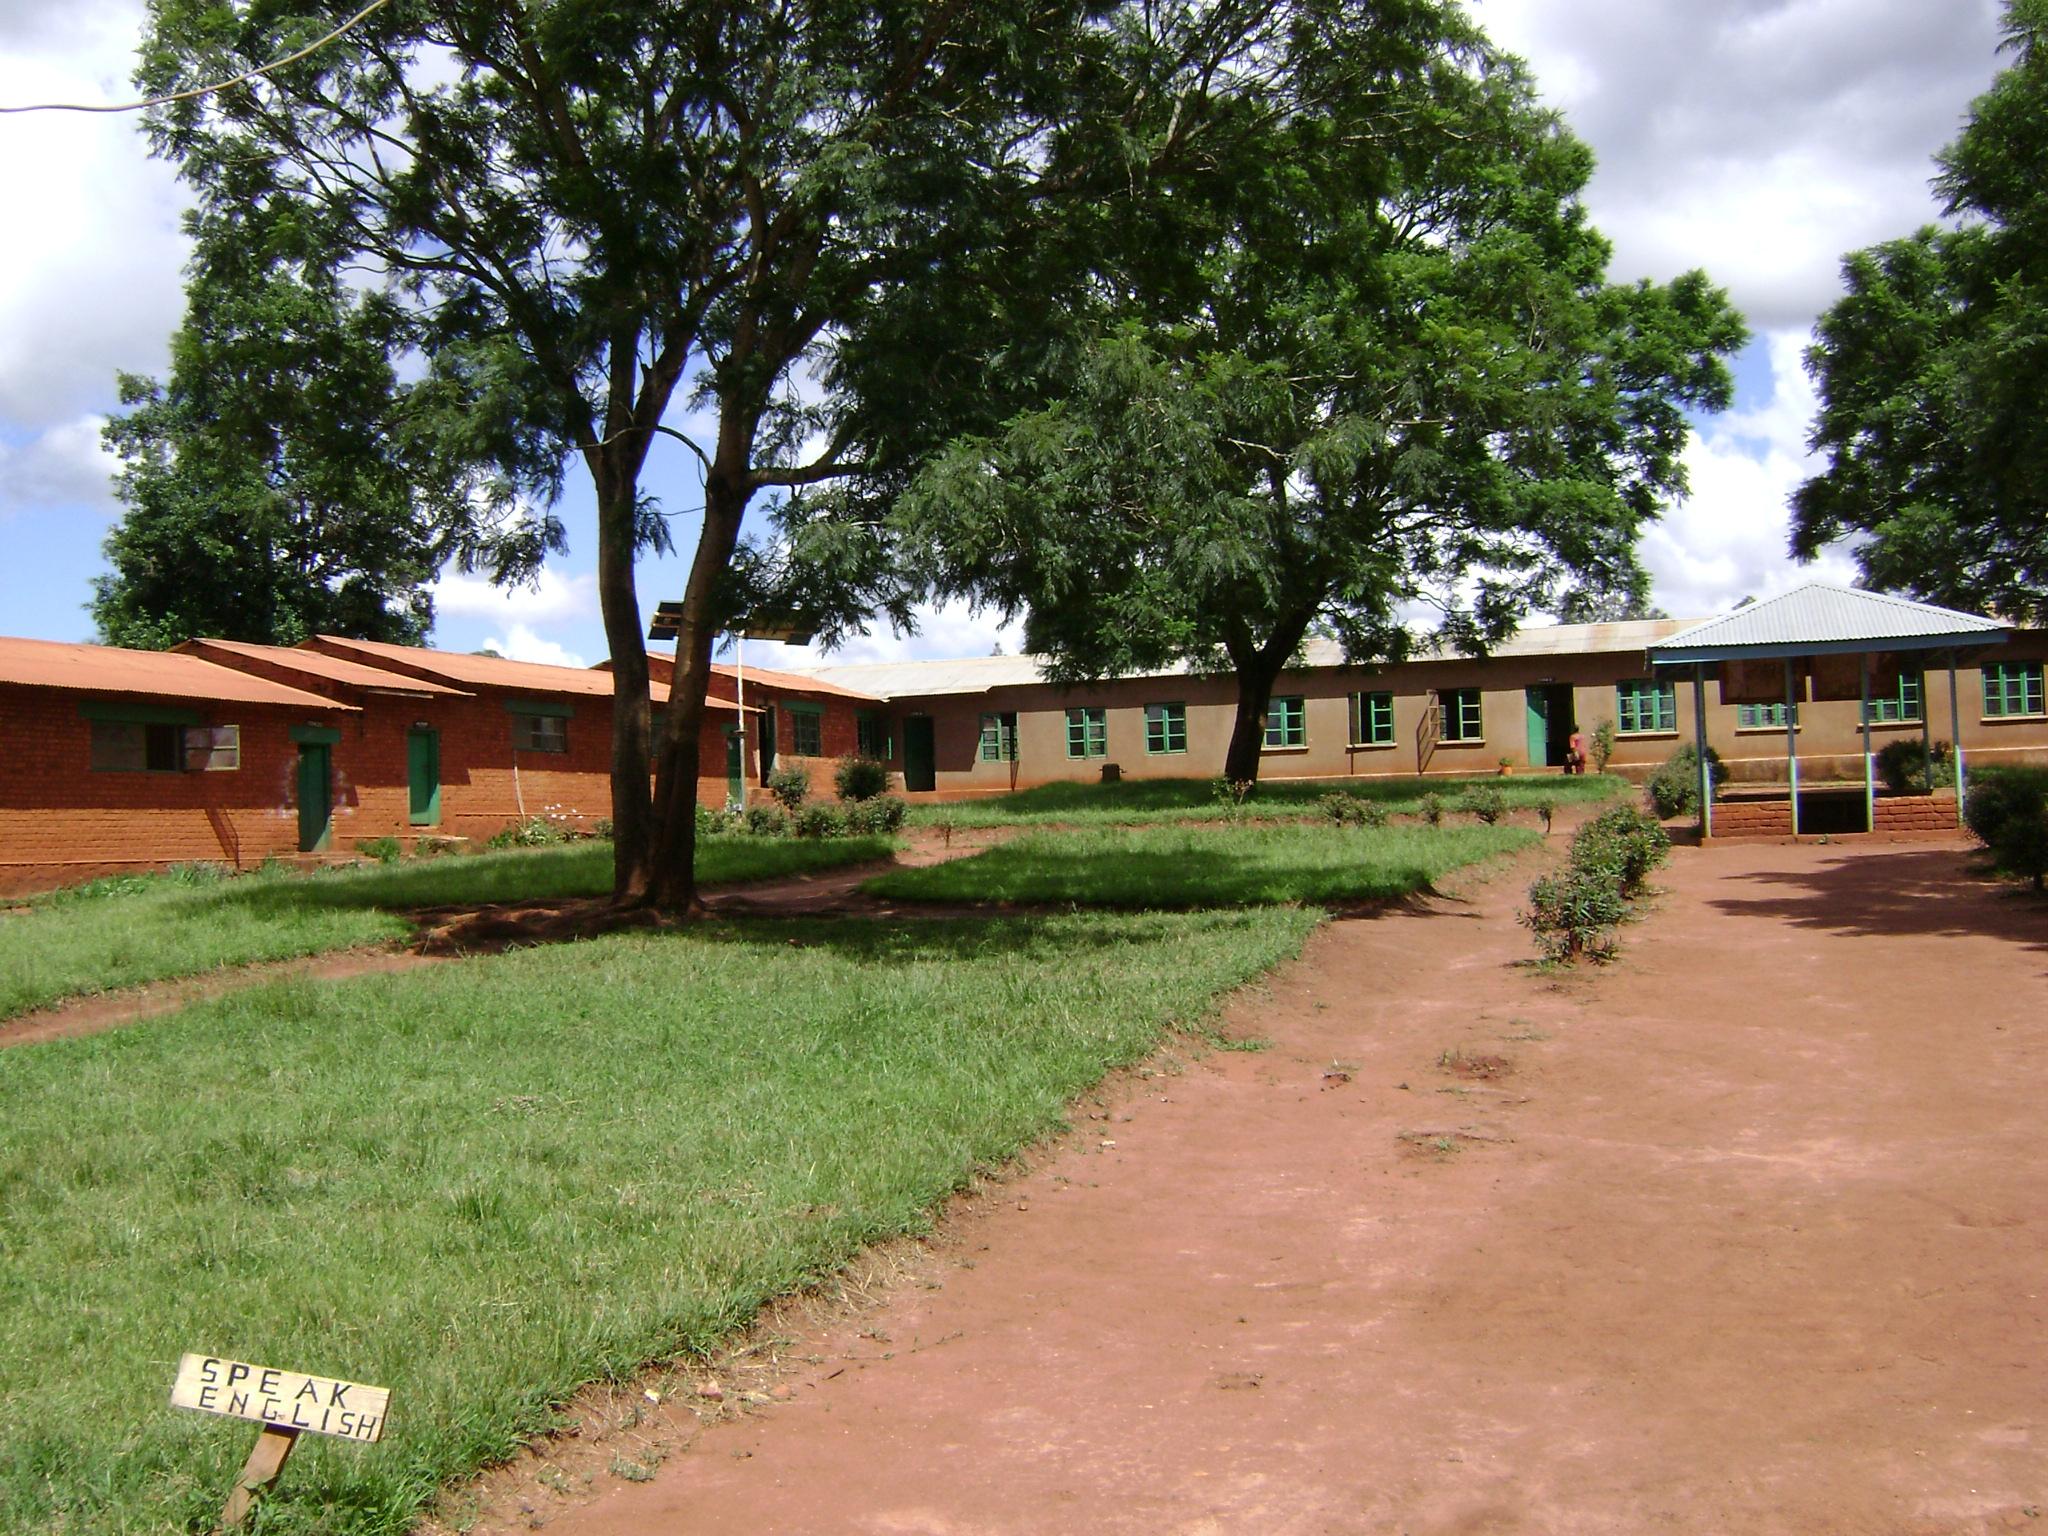 Left side of school courtyard